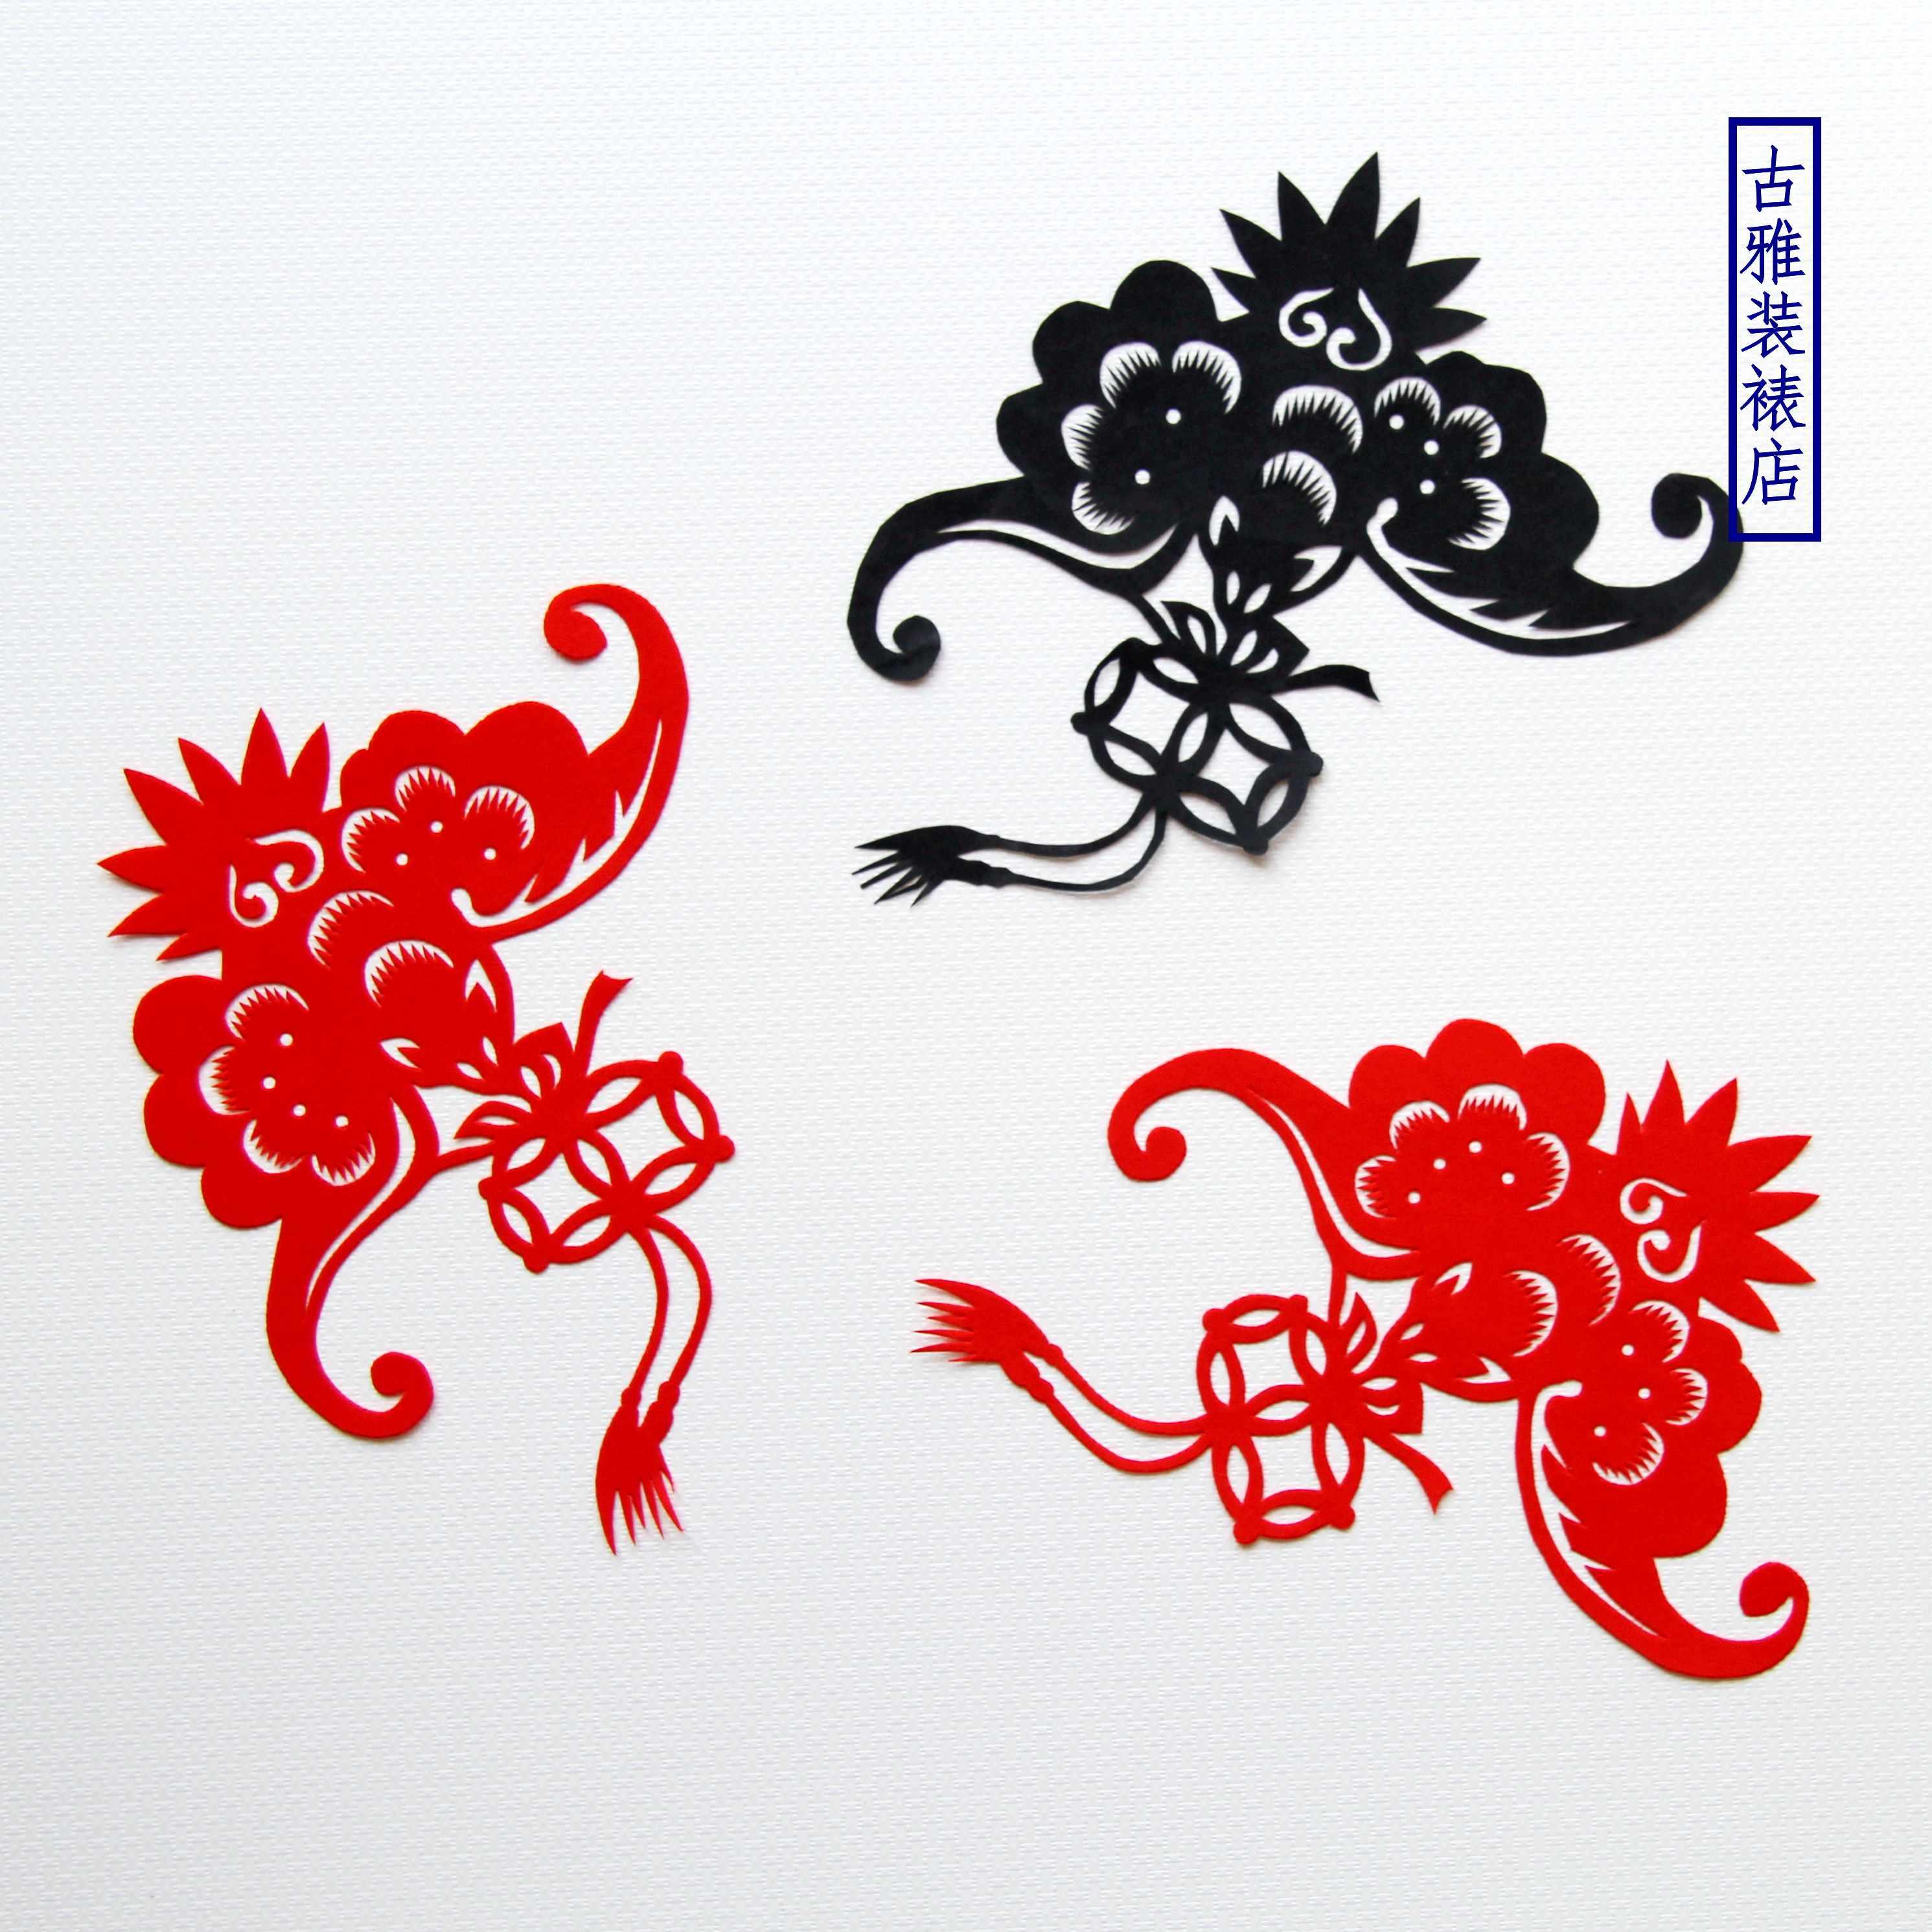 手工剪纸 中国风中国梦廉洁廉政学校社会主义核心价值图片